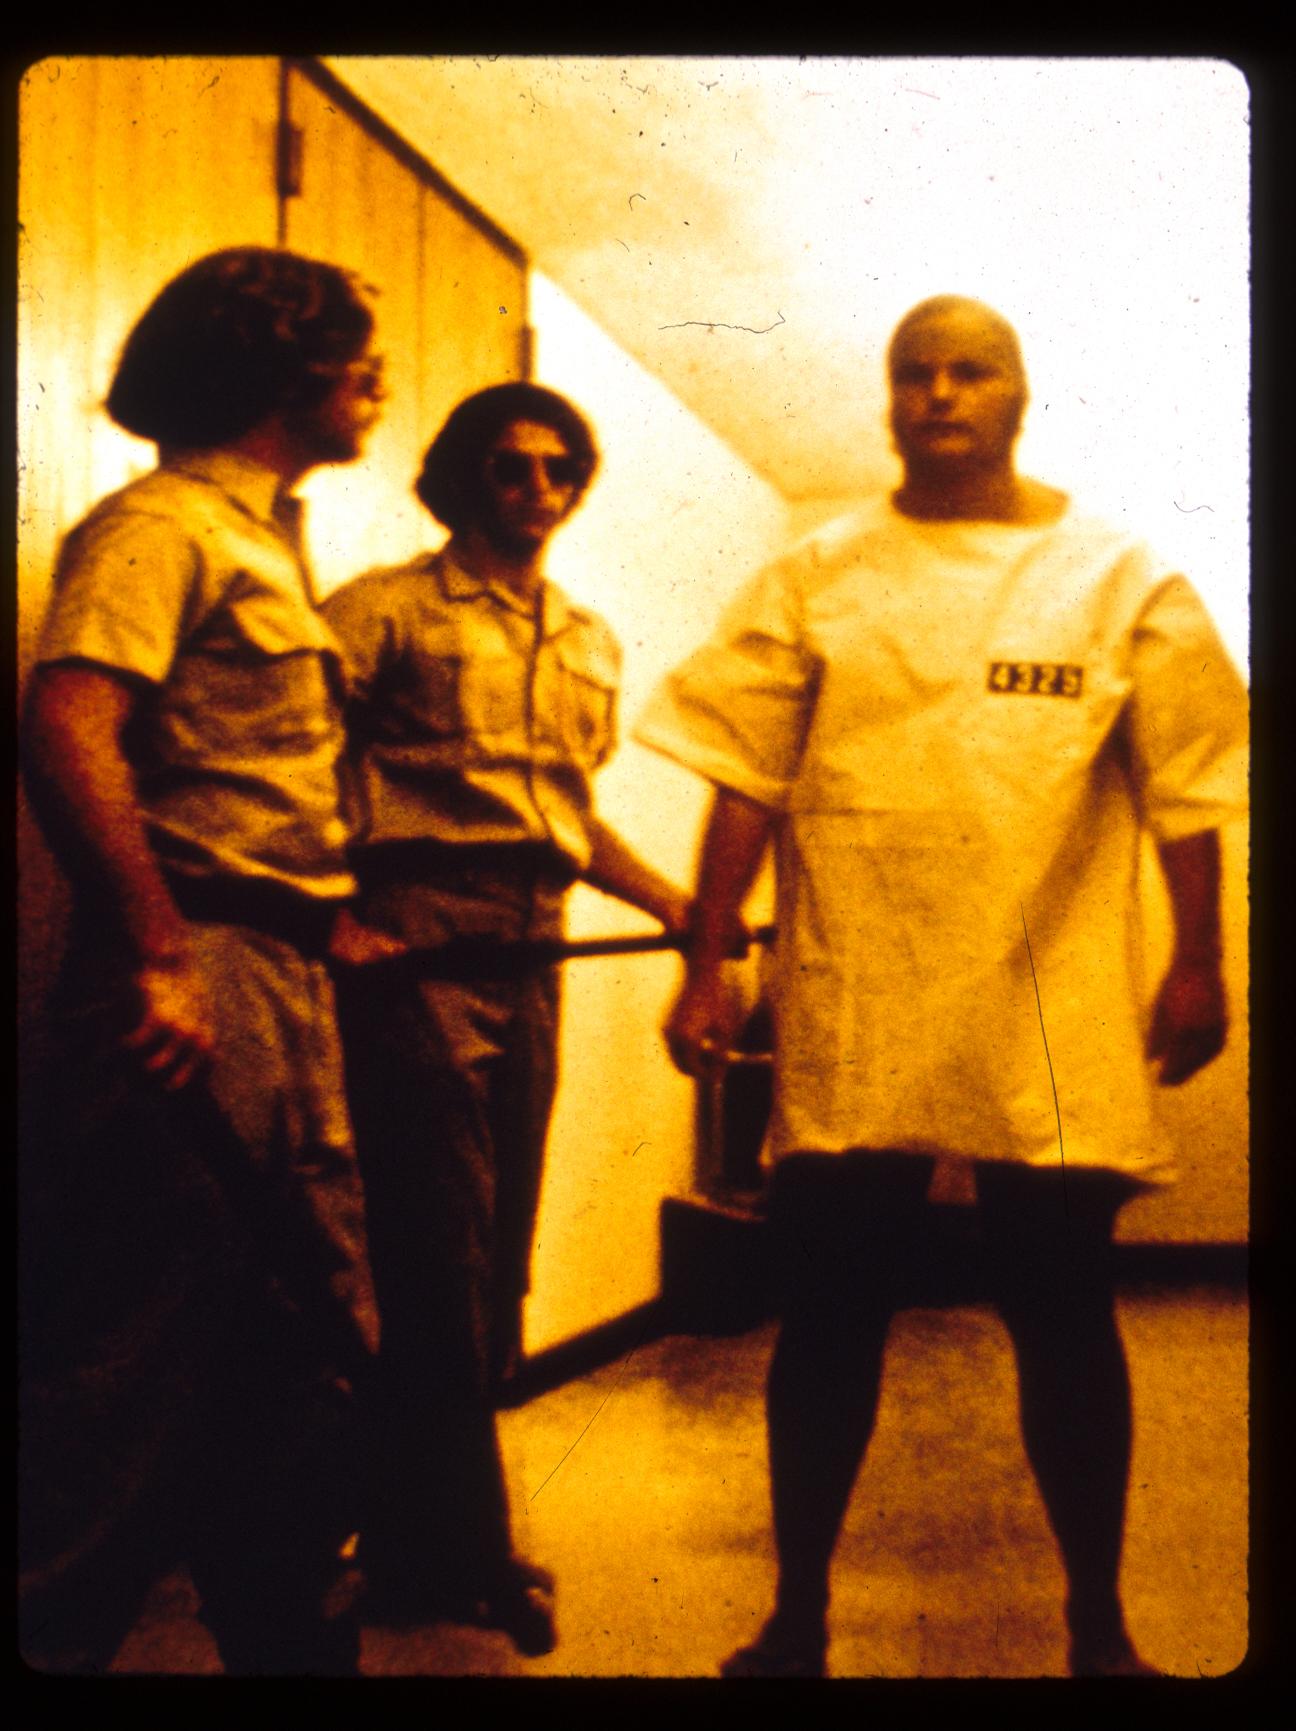 Prisoner #4325